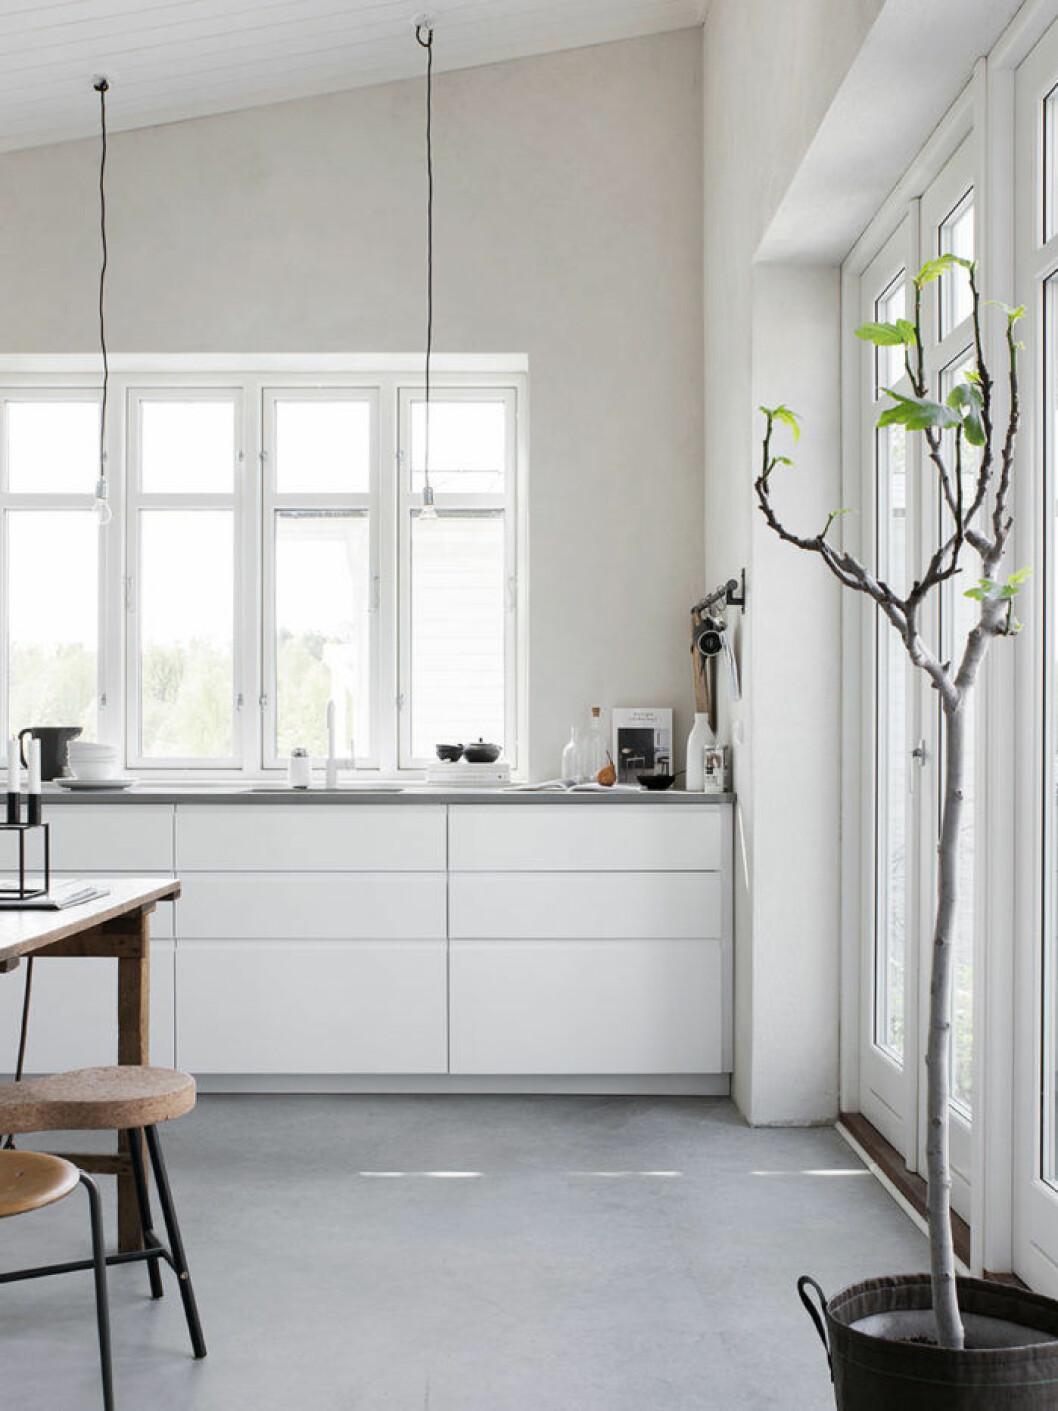 Köket är IKEAs Voxtorp med infällda grepplister för ett minimalistiskt uttryck.